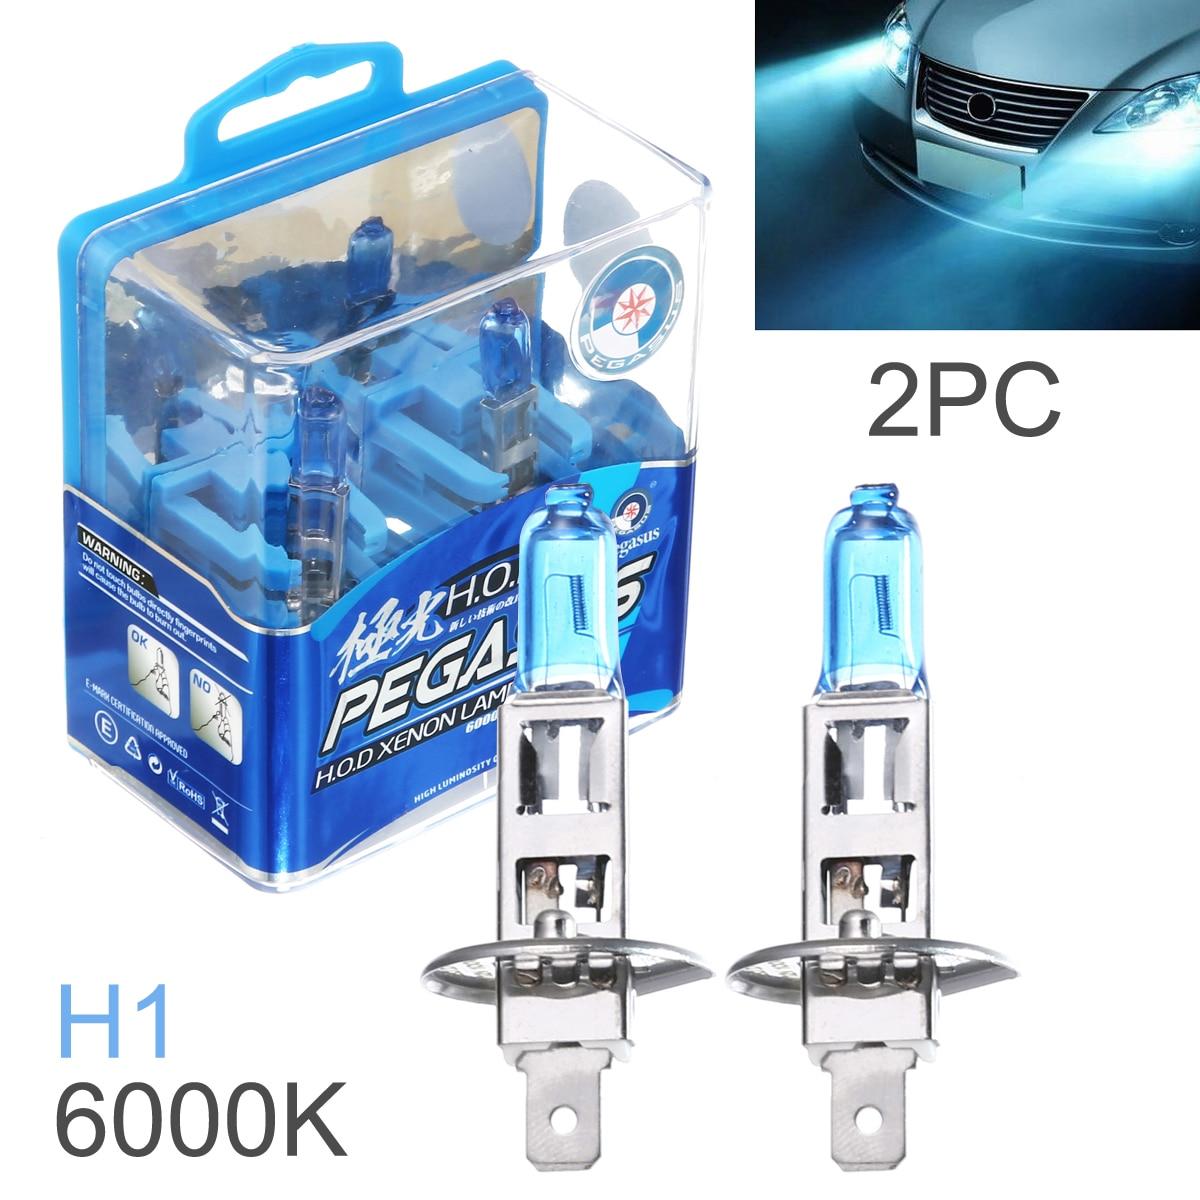 2 шт. Универсальный H1 H3 100 Вт 6000 К белый свет супер яркий автомобильный HOD галогенная лампа авто передняя фара противотуманная фара подходит д...